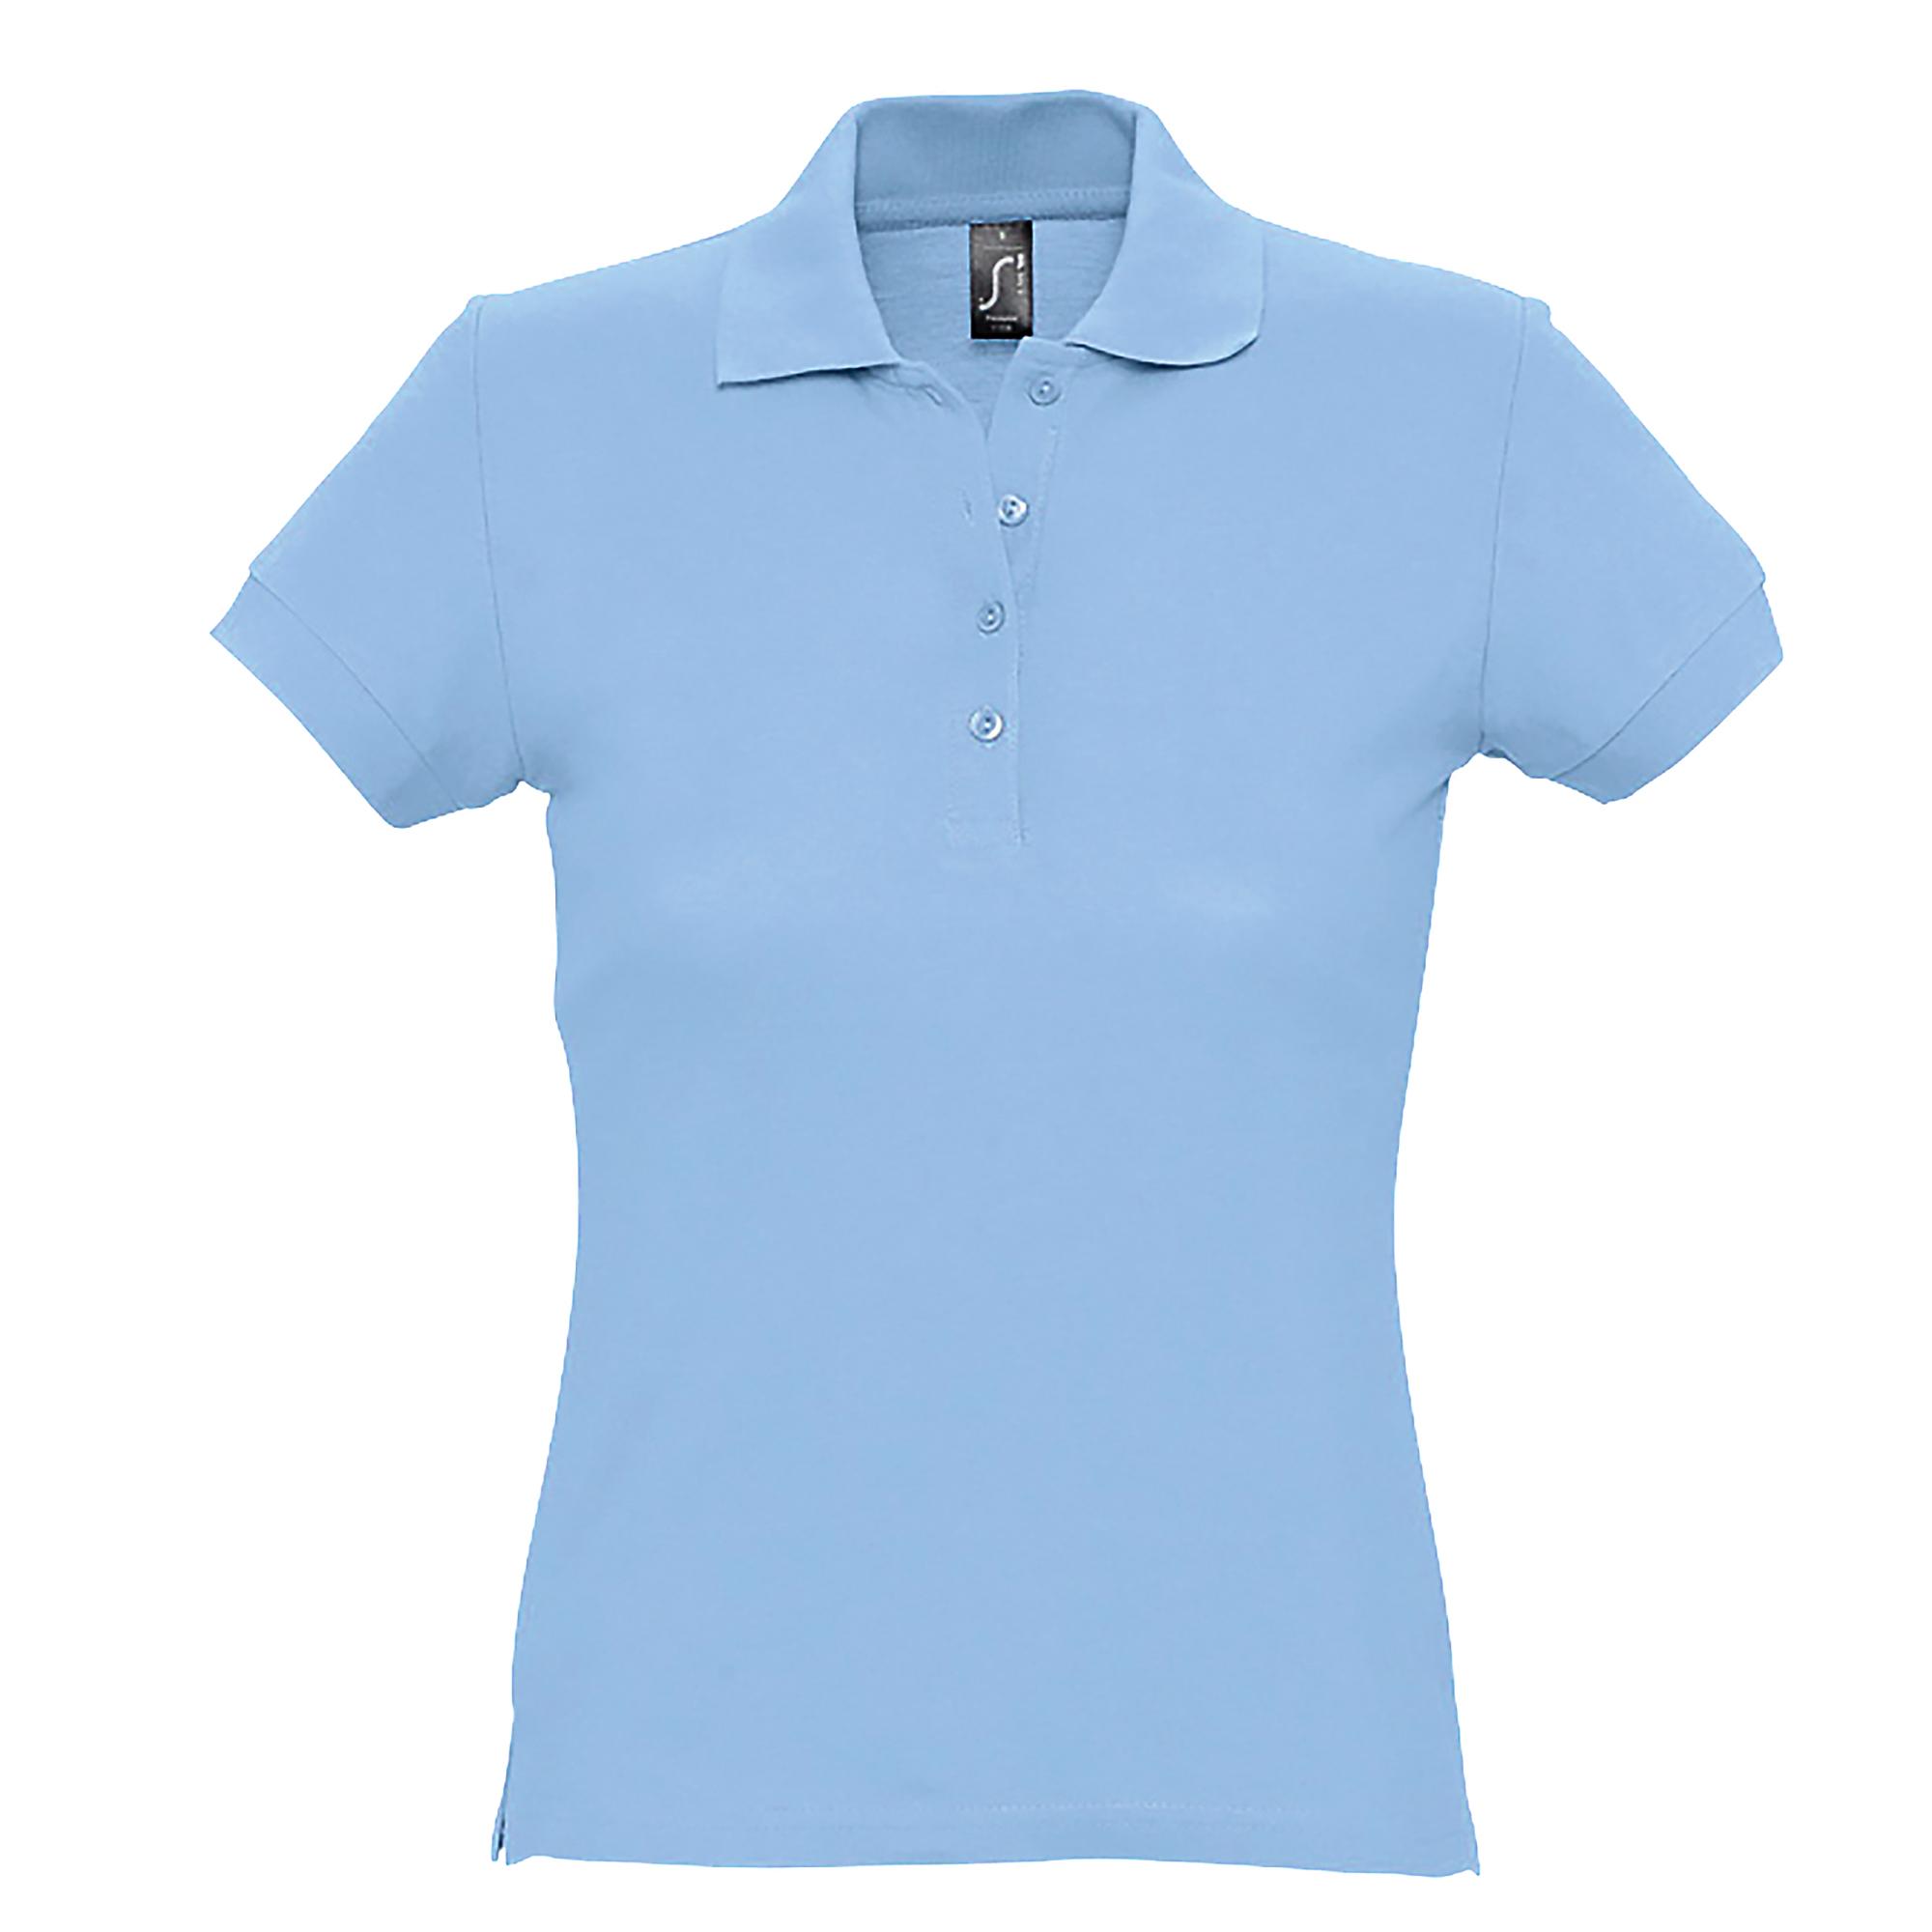 miniature 86 - SOLS Passion - Polo 100% coton à manches courtes - Femme (S-2XL) 16 (PC317)